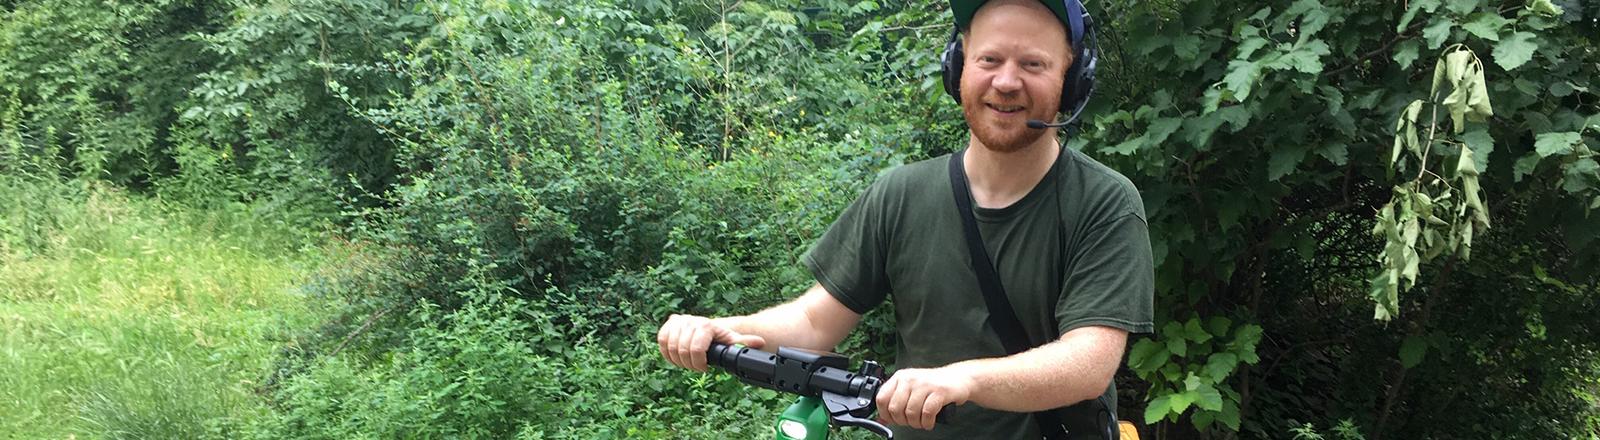 Moritz Metz fährt mit einem E-Scooter.